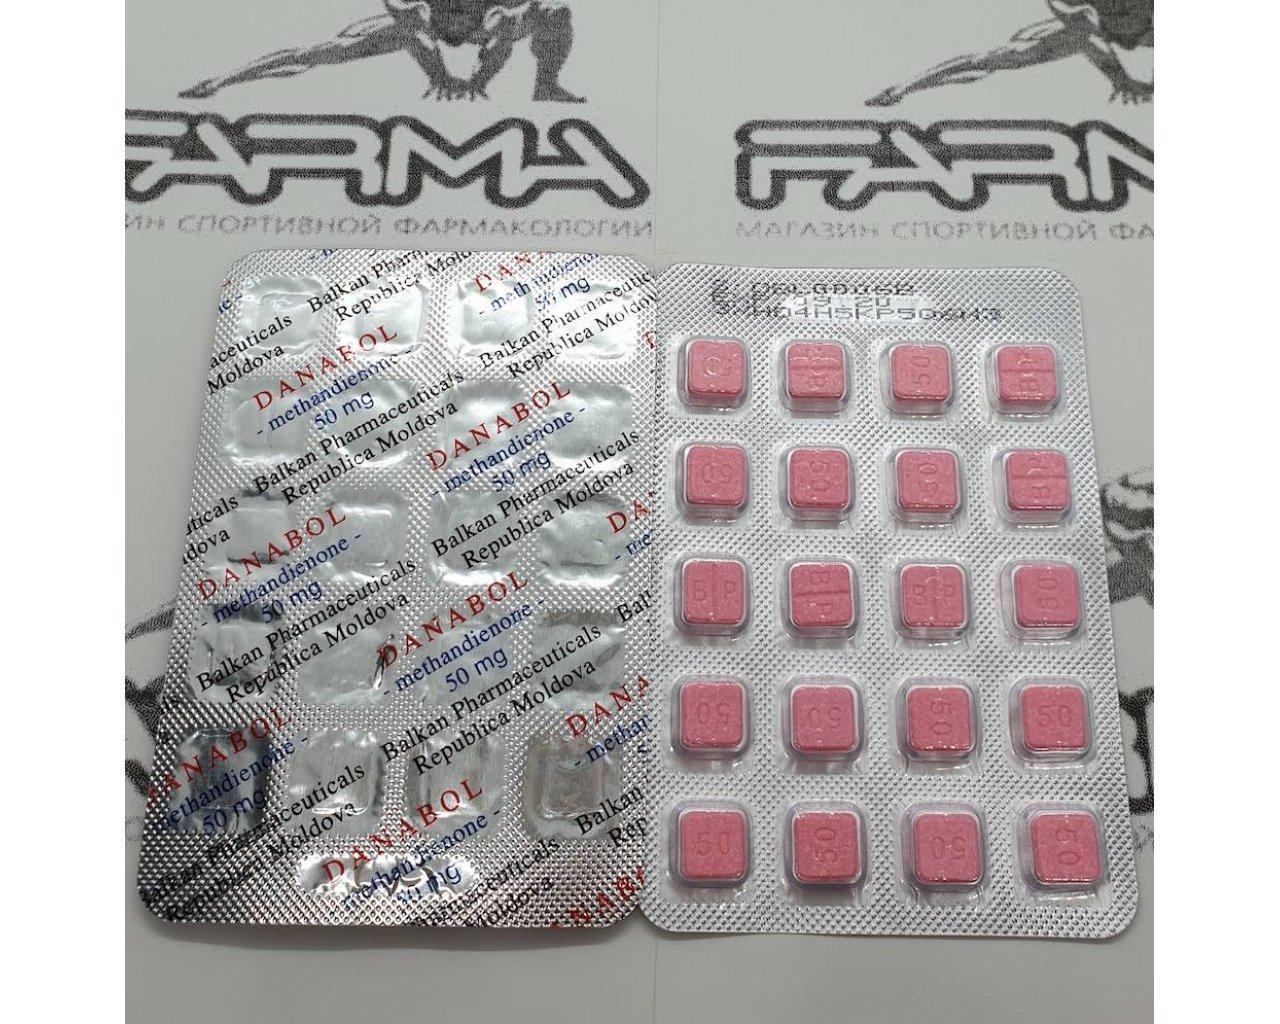 Провирон: цена в аптеке, инструкция по применению, отзывы